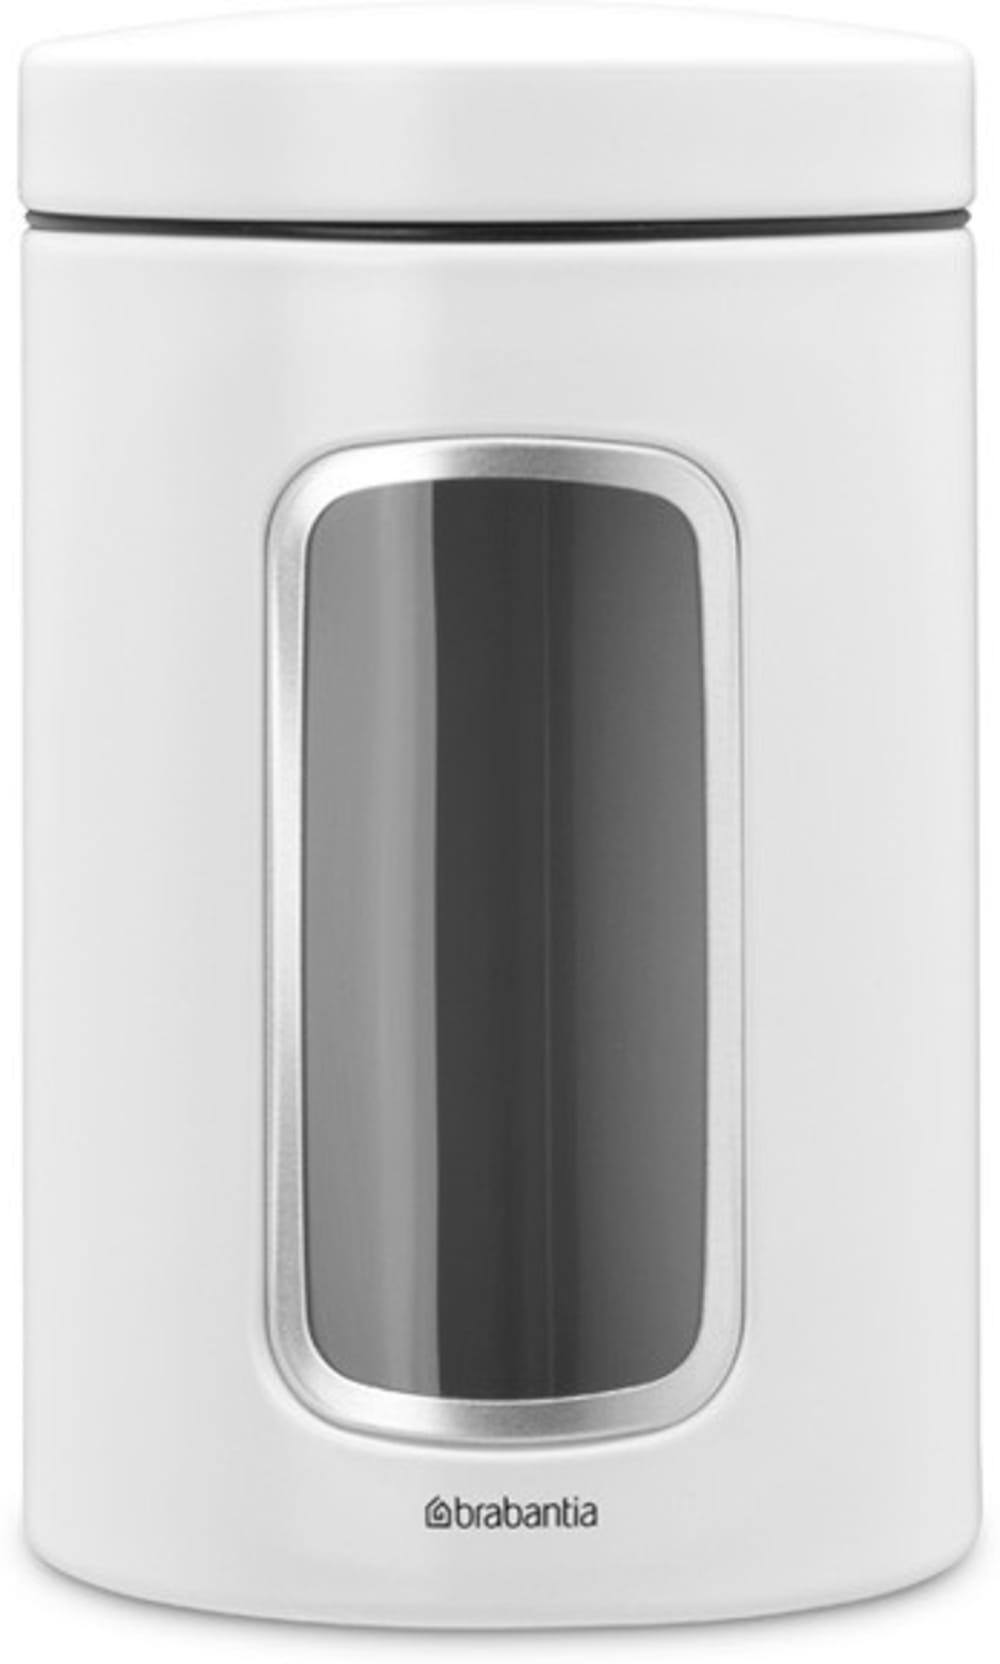 Brabantia pojemnik z okienkiem biały 1.4 l